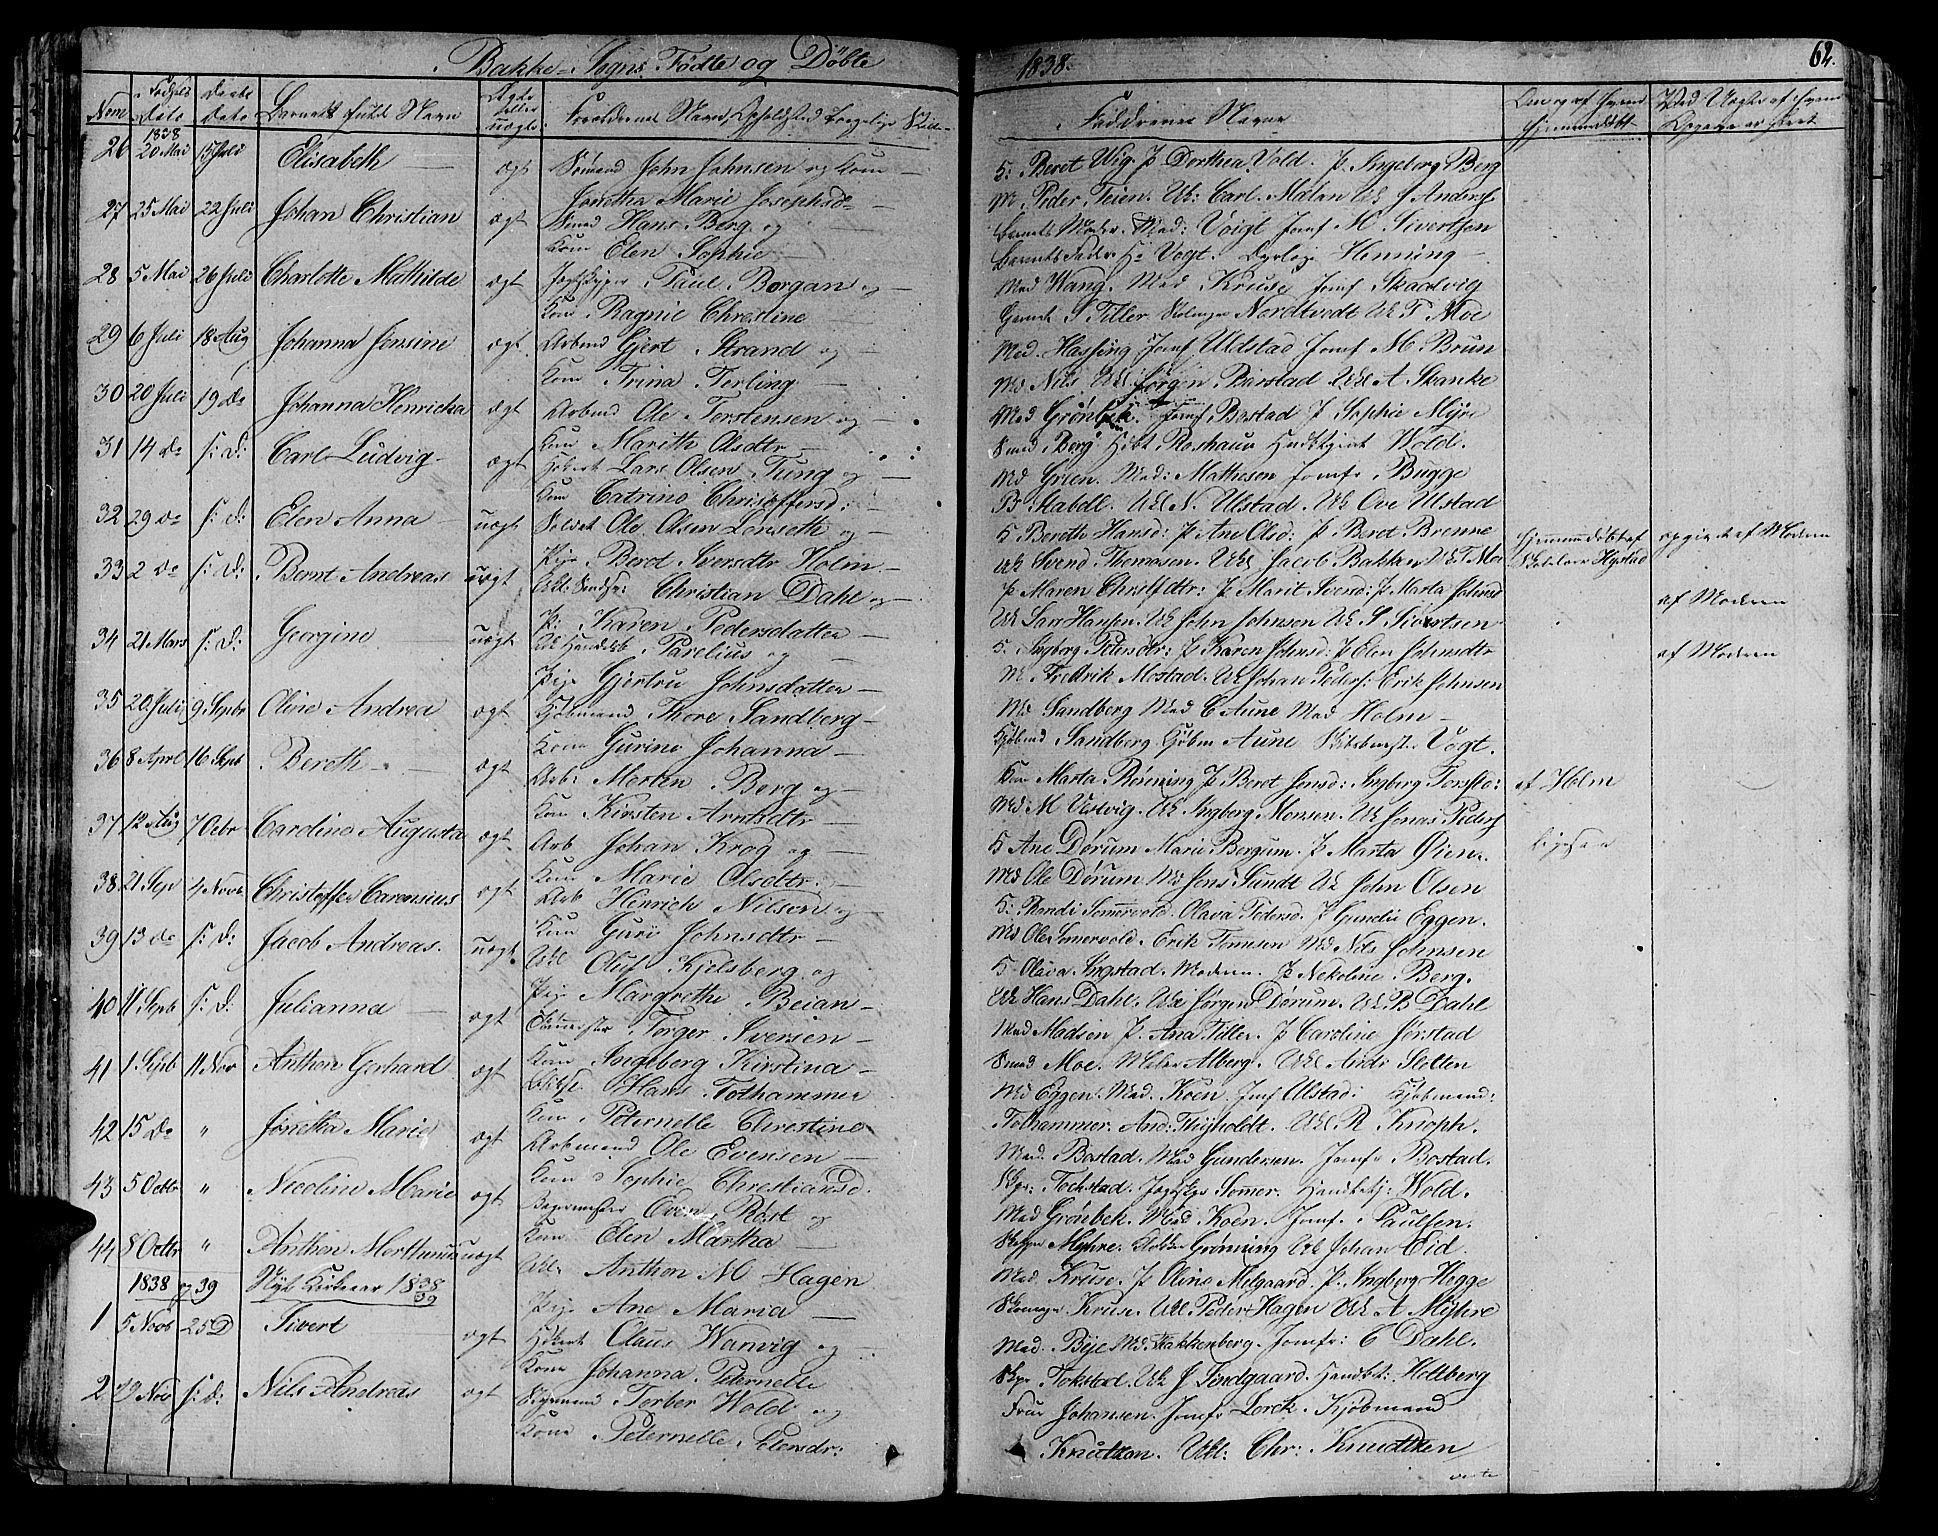 SAT, Ministerialprotokoller, klokkerbøker og fødselsregistre - Sør-Trøndelag, 606/L0287: Ministerialbok nr. 606A04 /2, 1826-1840, s. 62